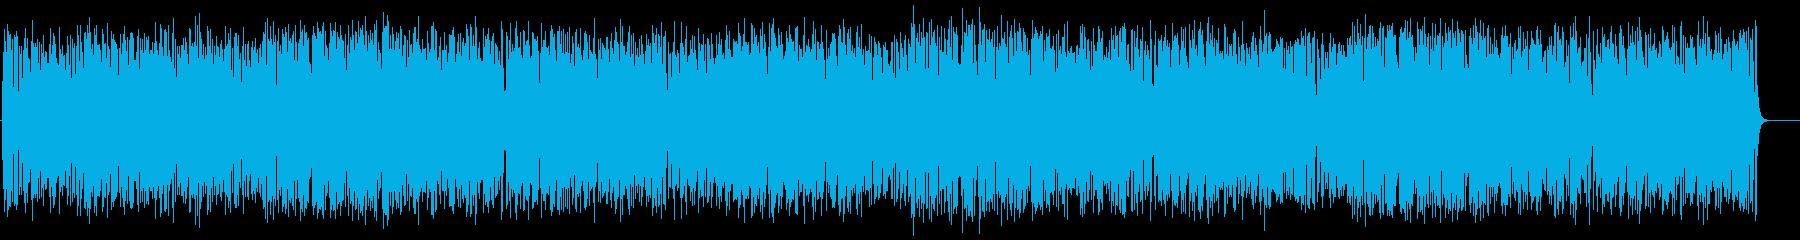 バカンスを満喫するラテン/ポップの再生済みの波形